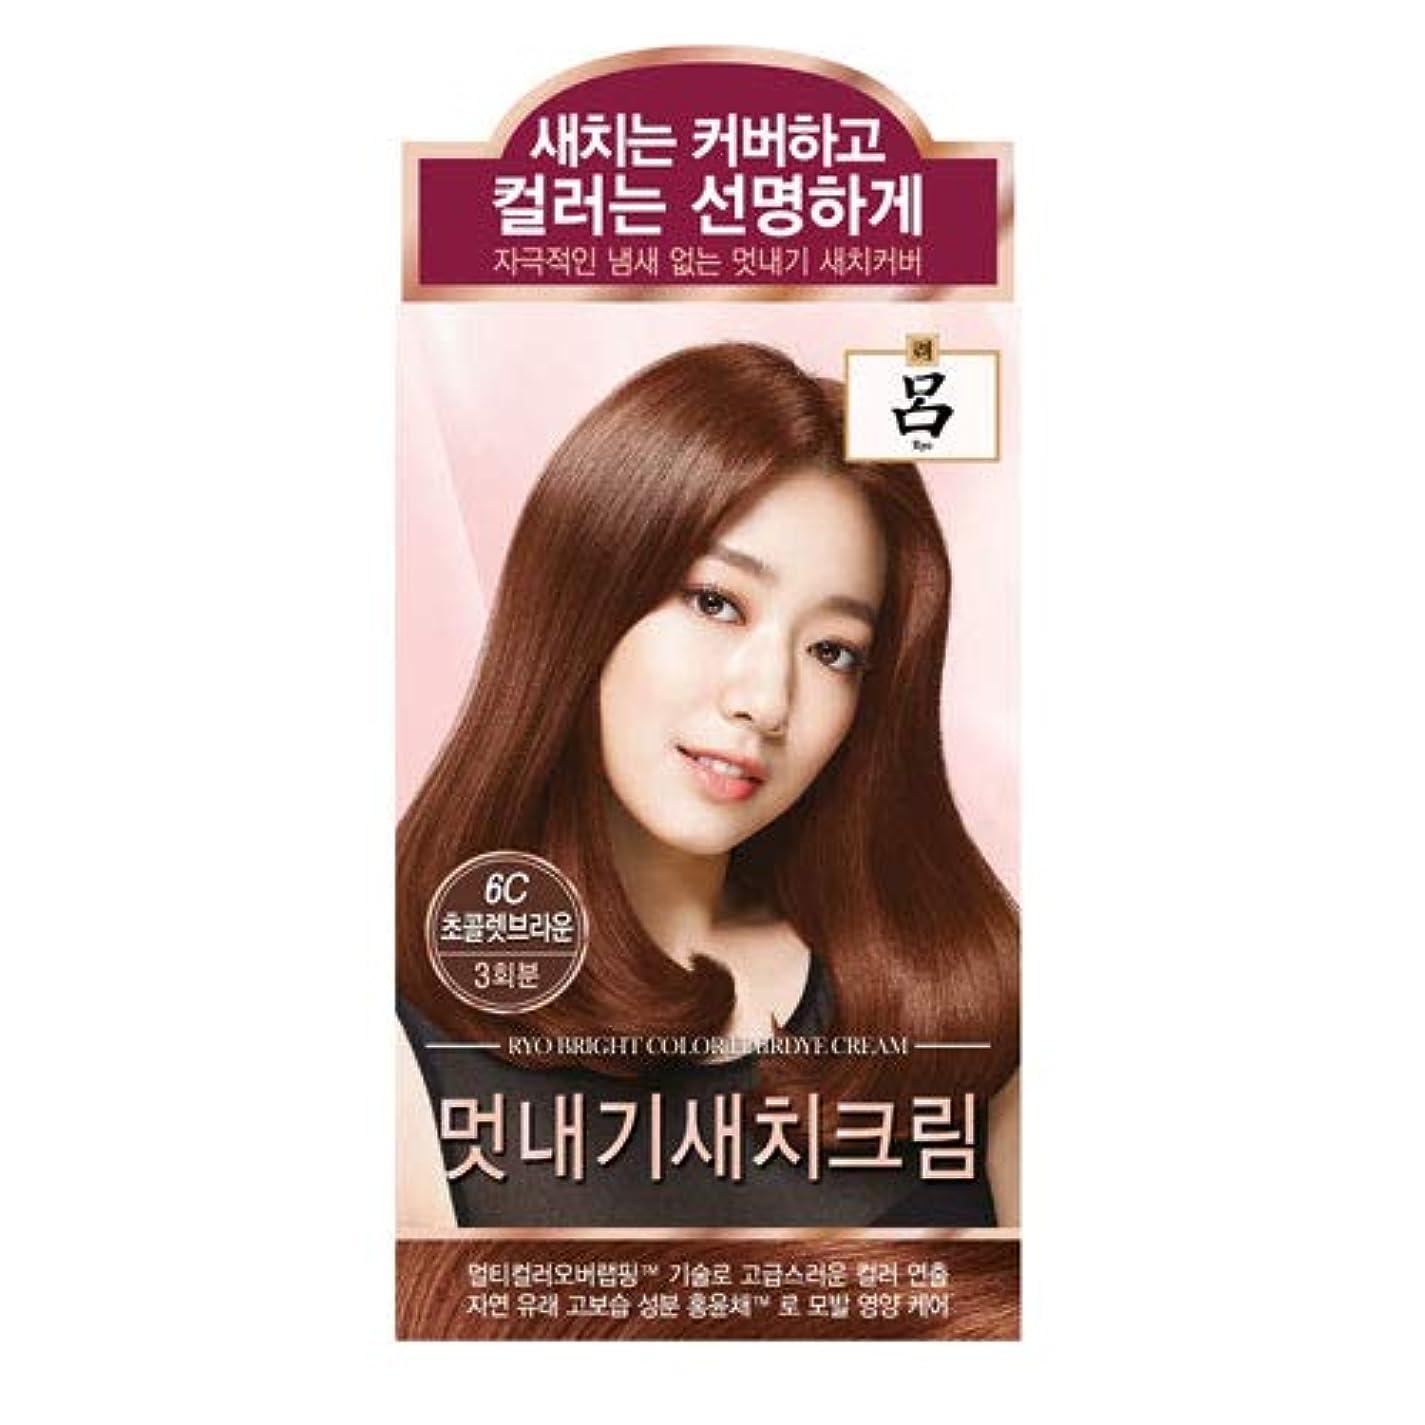 おなじみのほのめかす勧告アモーレパシフィック呂[AMOREPACIFIC/Ryo] ブライトカラーヘアアイクリーム 6C チョコレートブラウン/Bright Color Hairdye Cream 6C Chocolate Brown